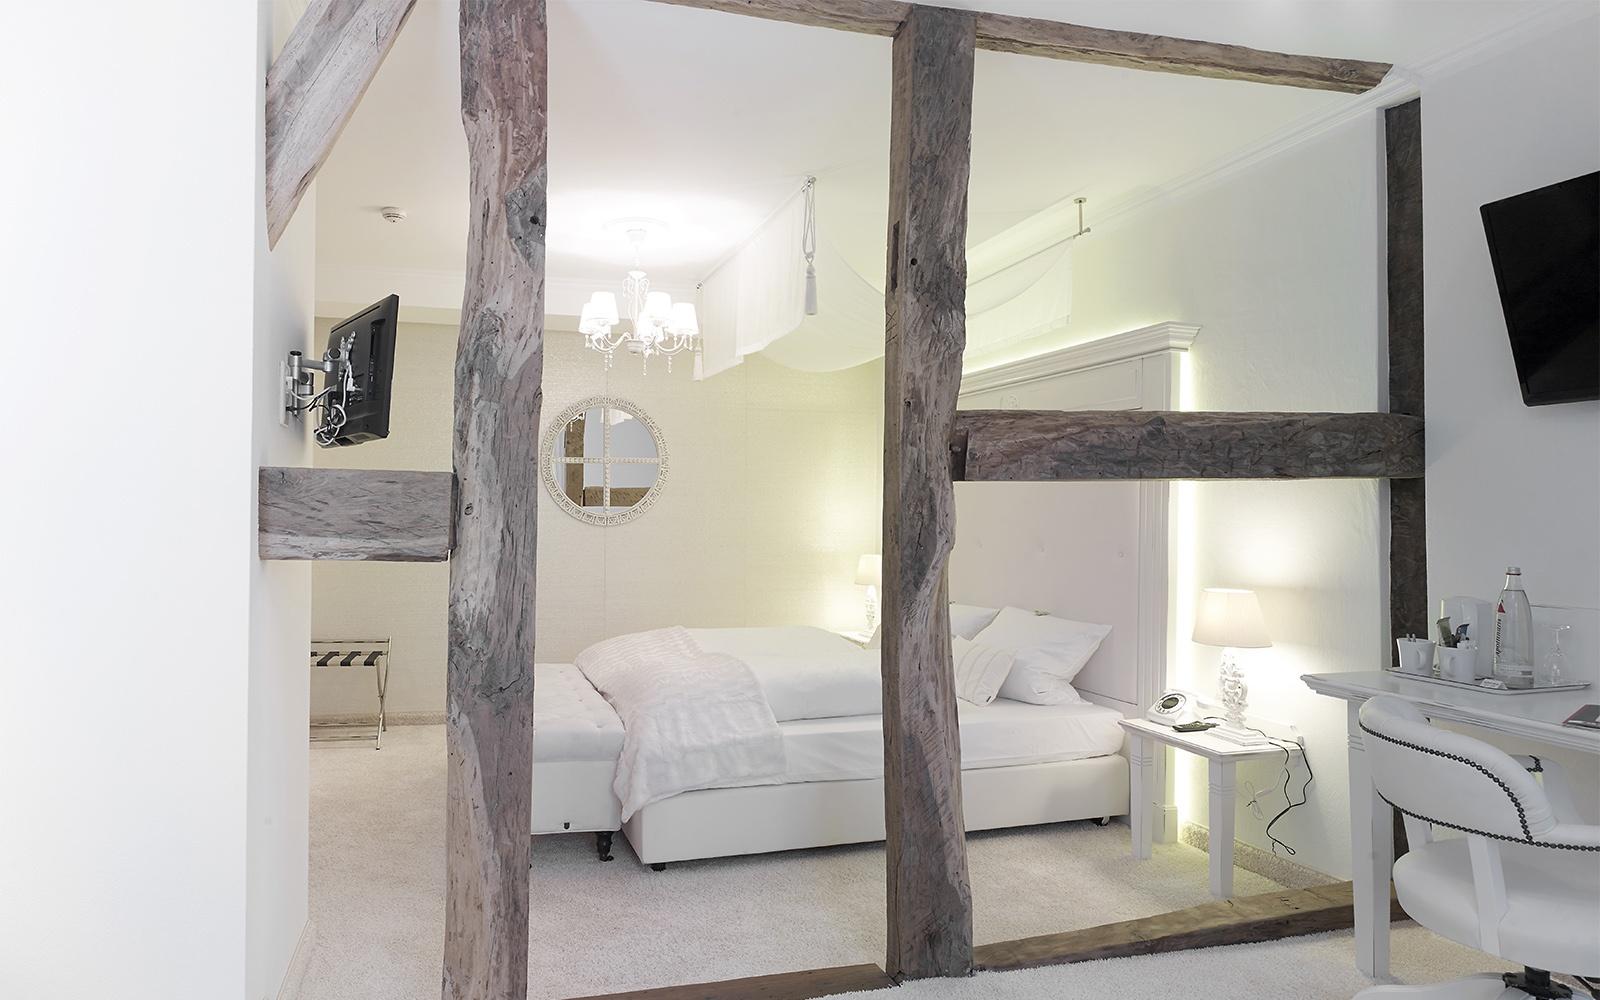 Akustik Teppich - Gemütliches Hotelzimmer in hellen Farben und Holzbalken im Raum , verschieden Stoffe und heller weißer Teppich sorgen für eine gutes Raumgefühl